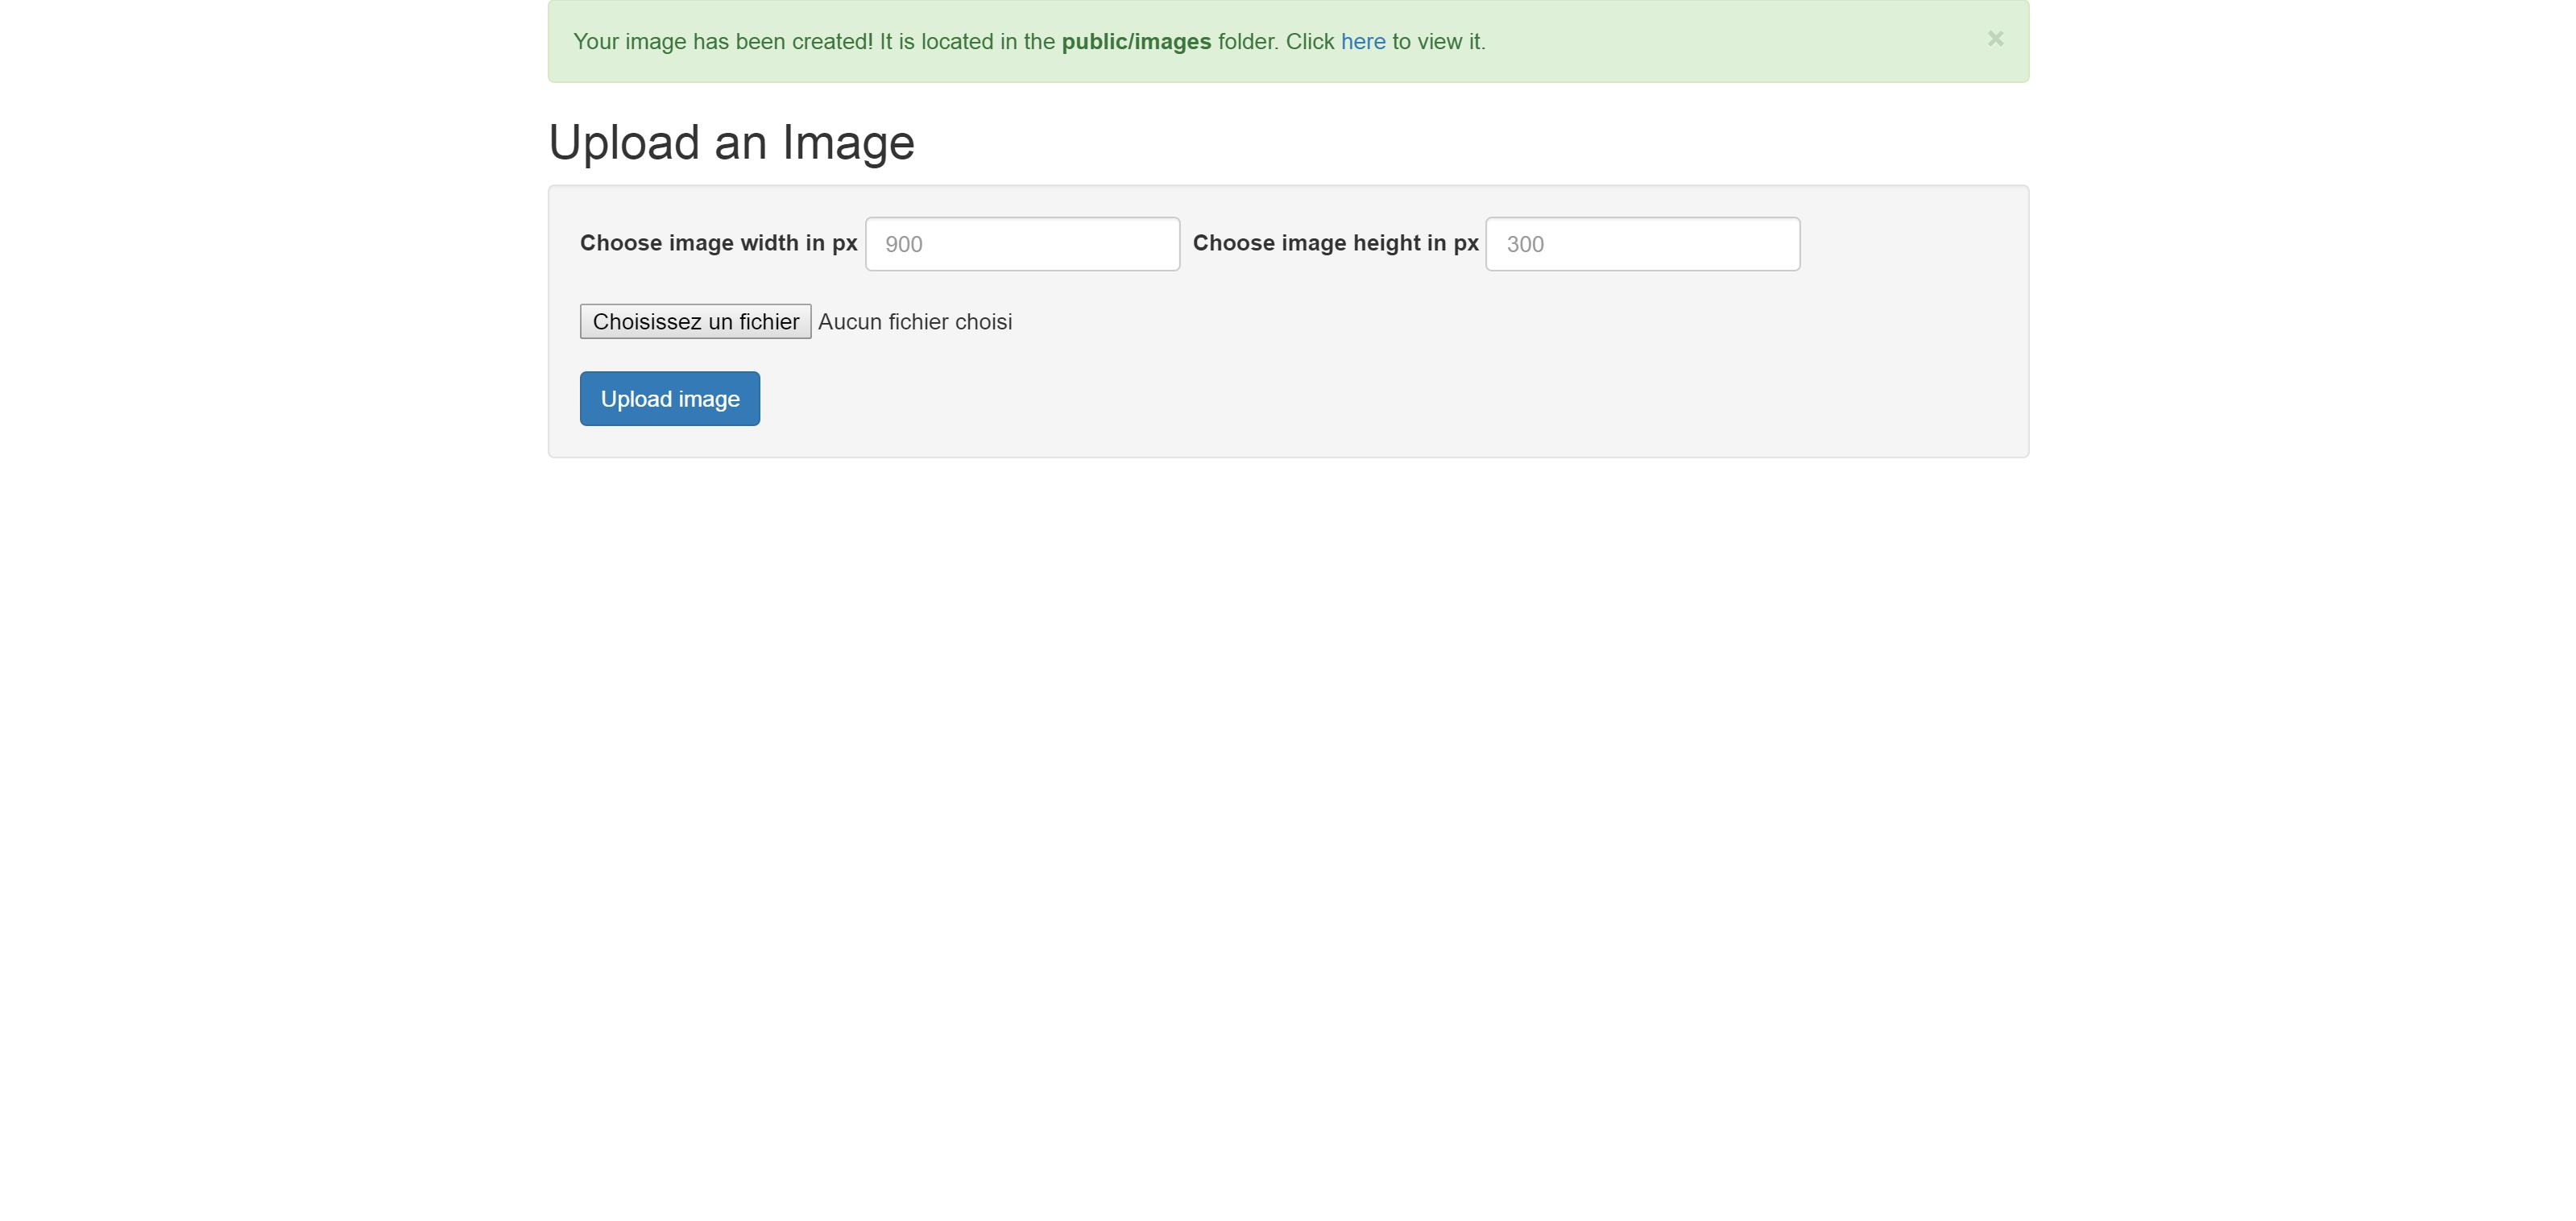 upload_result